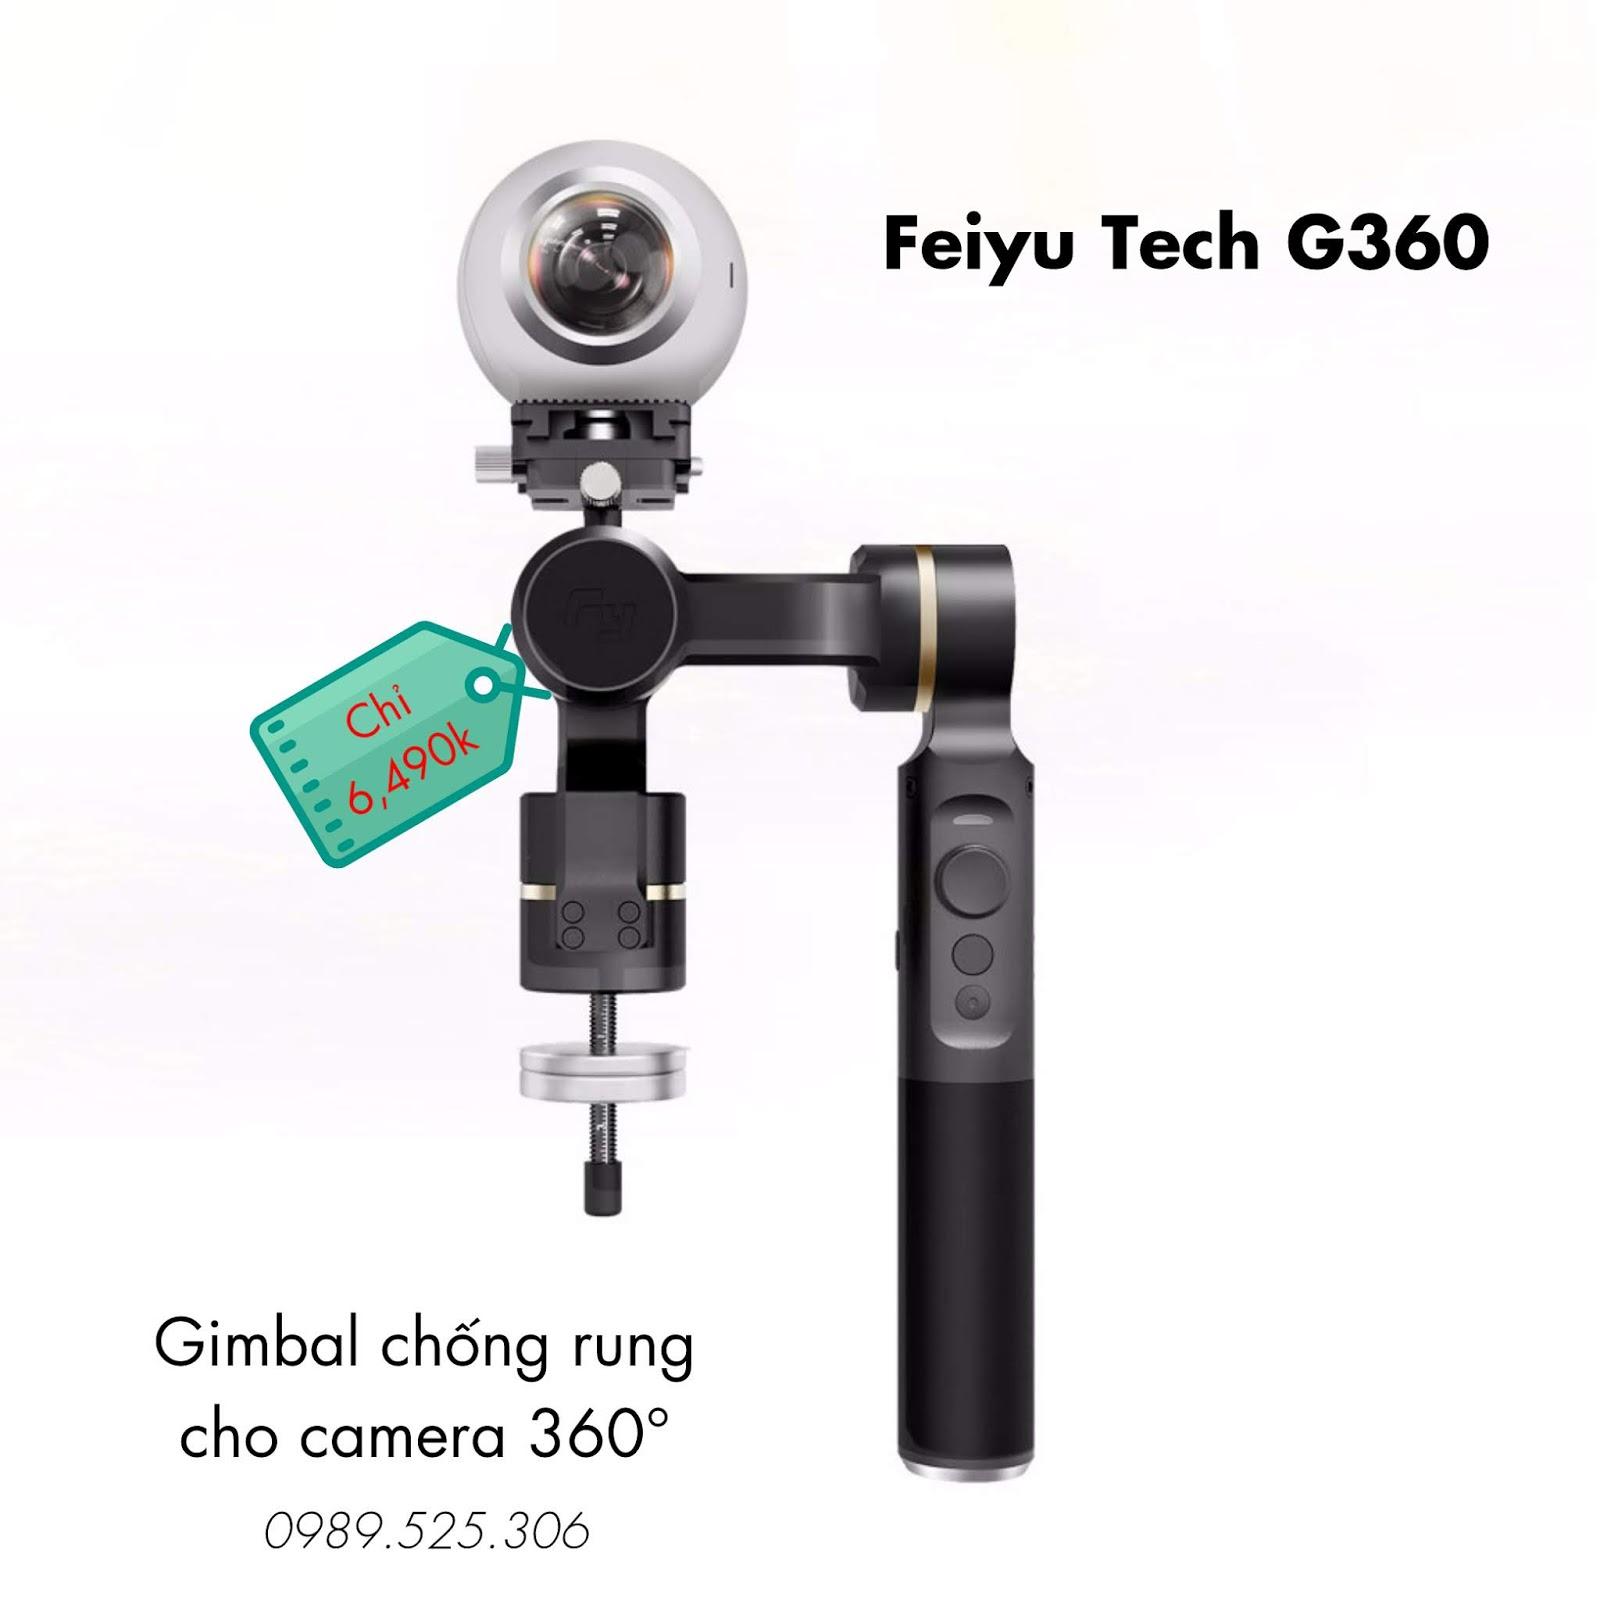 Gimbal chống rung camera 360 độ Feiyu G360 giá rẻ